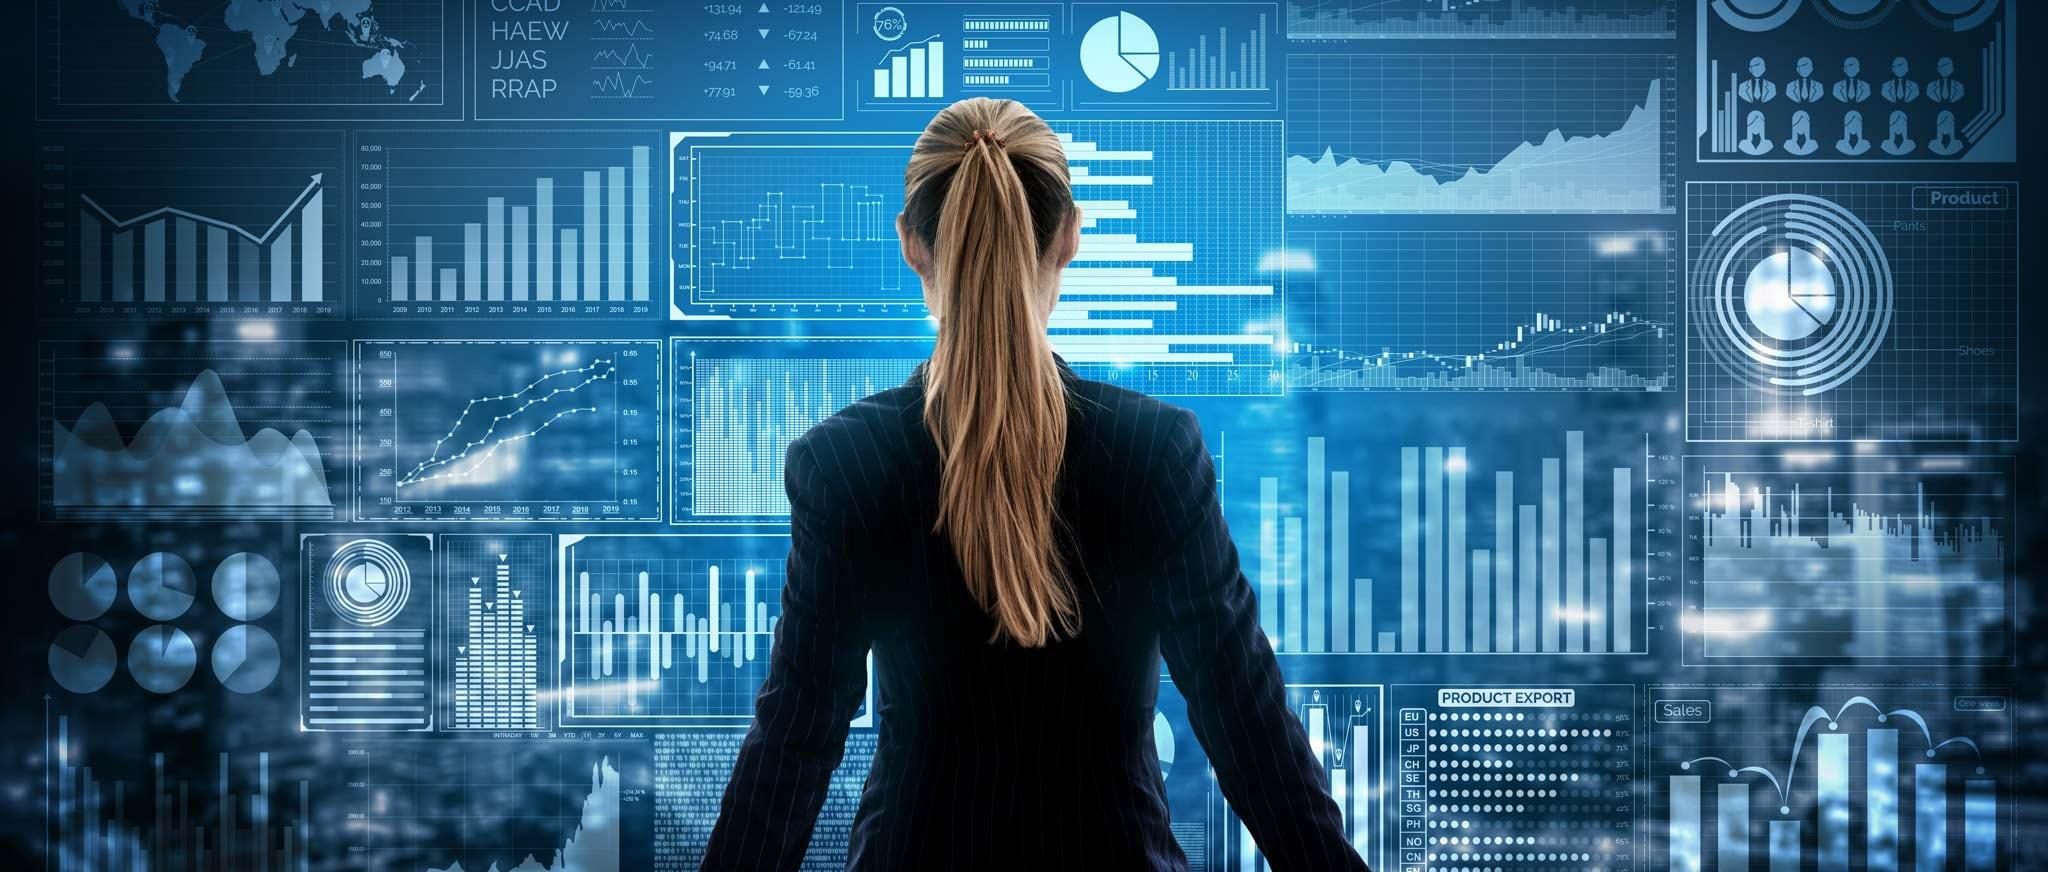 HWZ-Business-Analytics-Forum-WEB-Header-2021-09-16